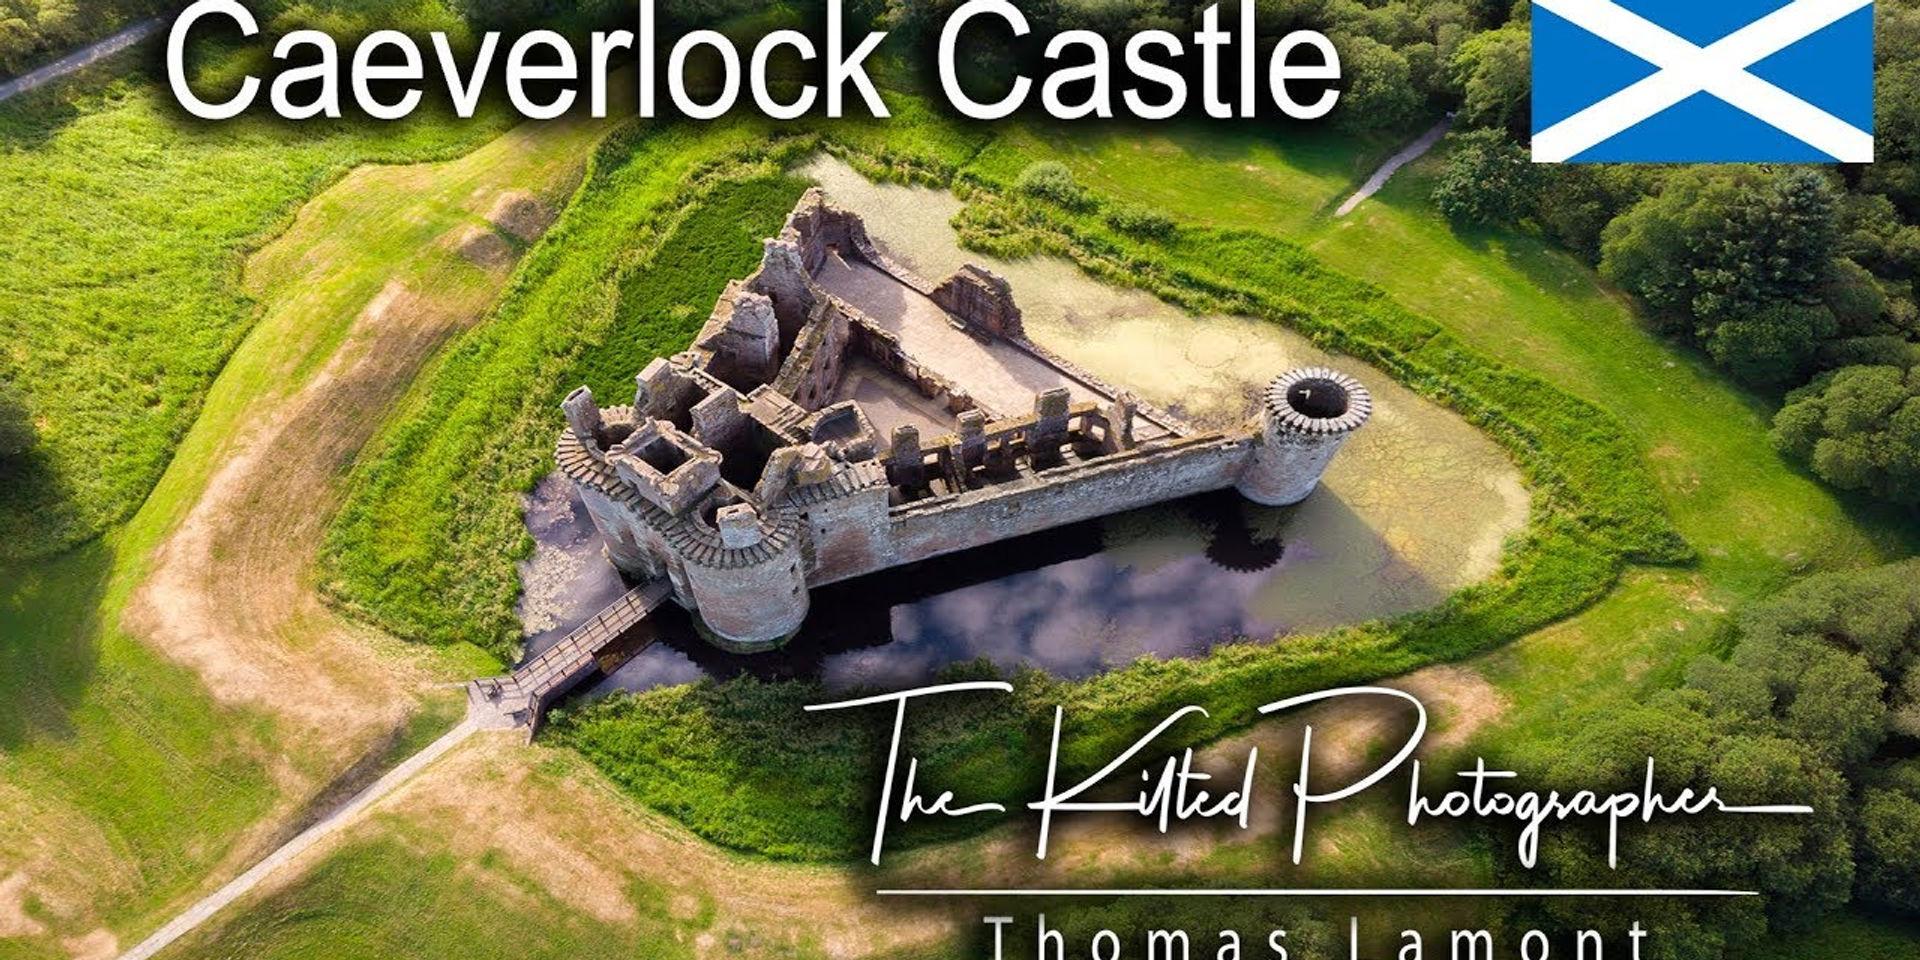 Caeverlock Castle